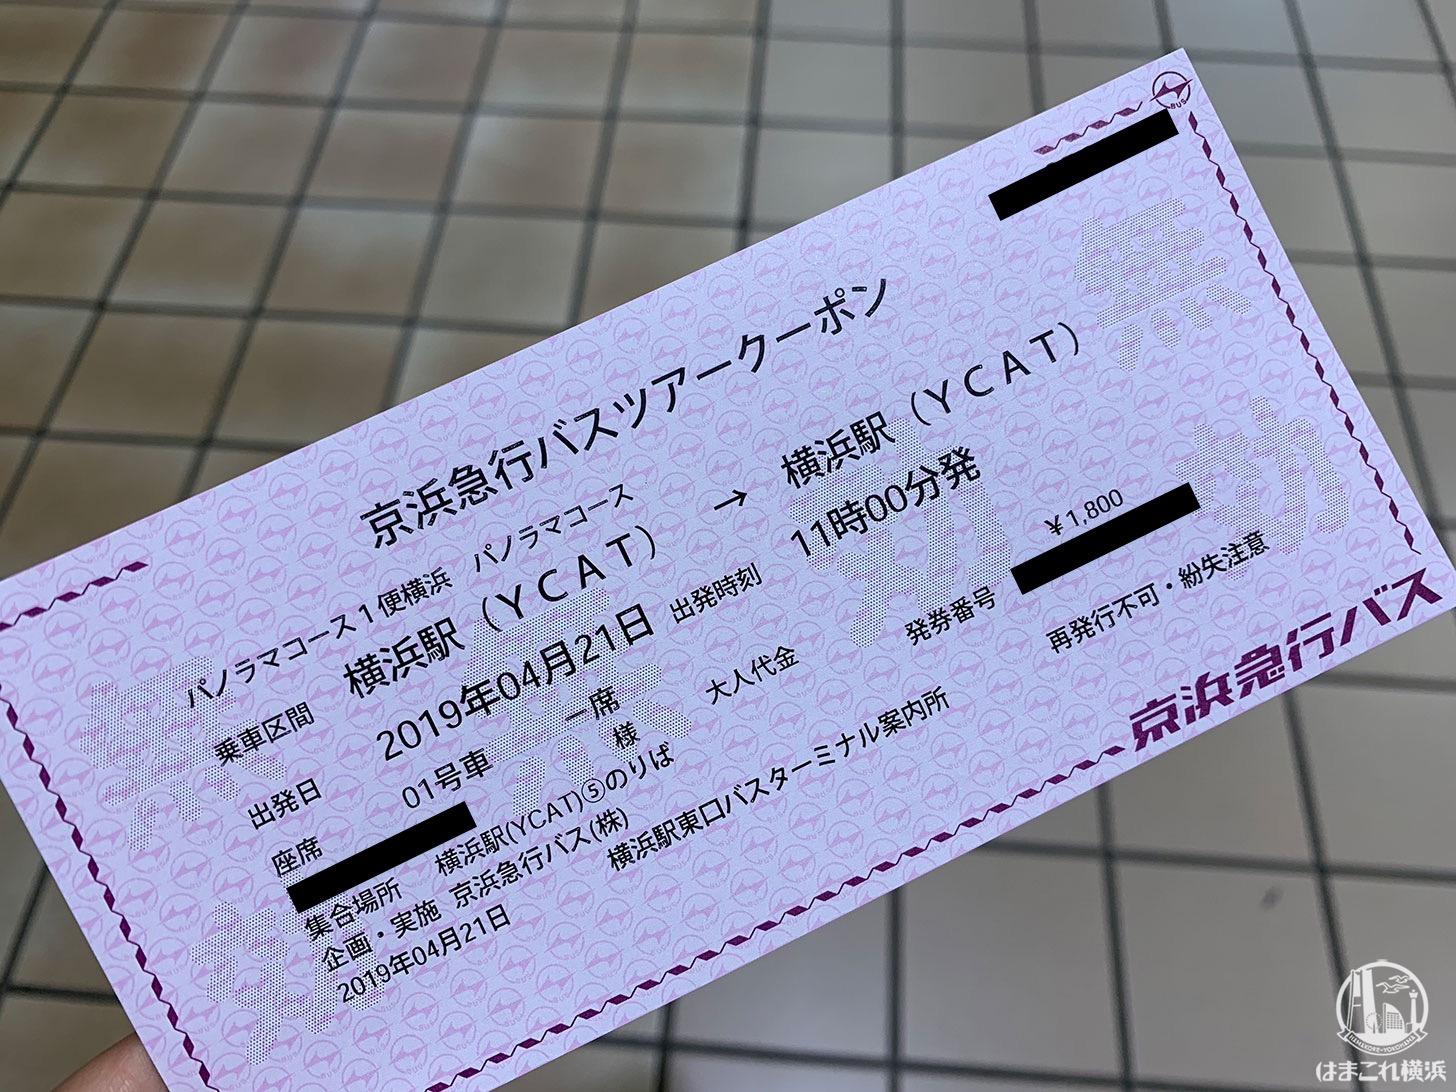 オープントップバス チケット